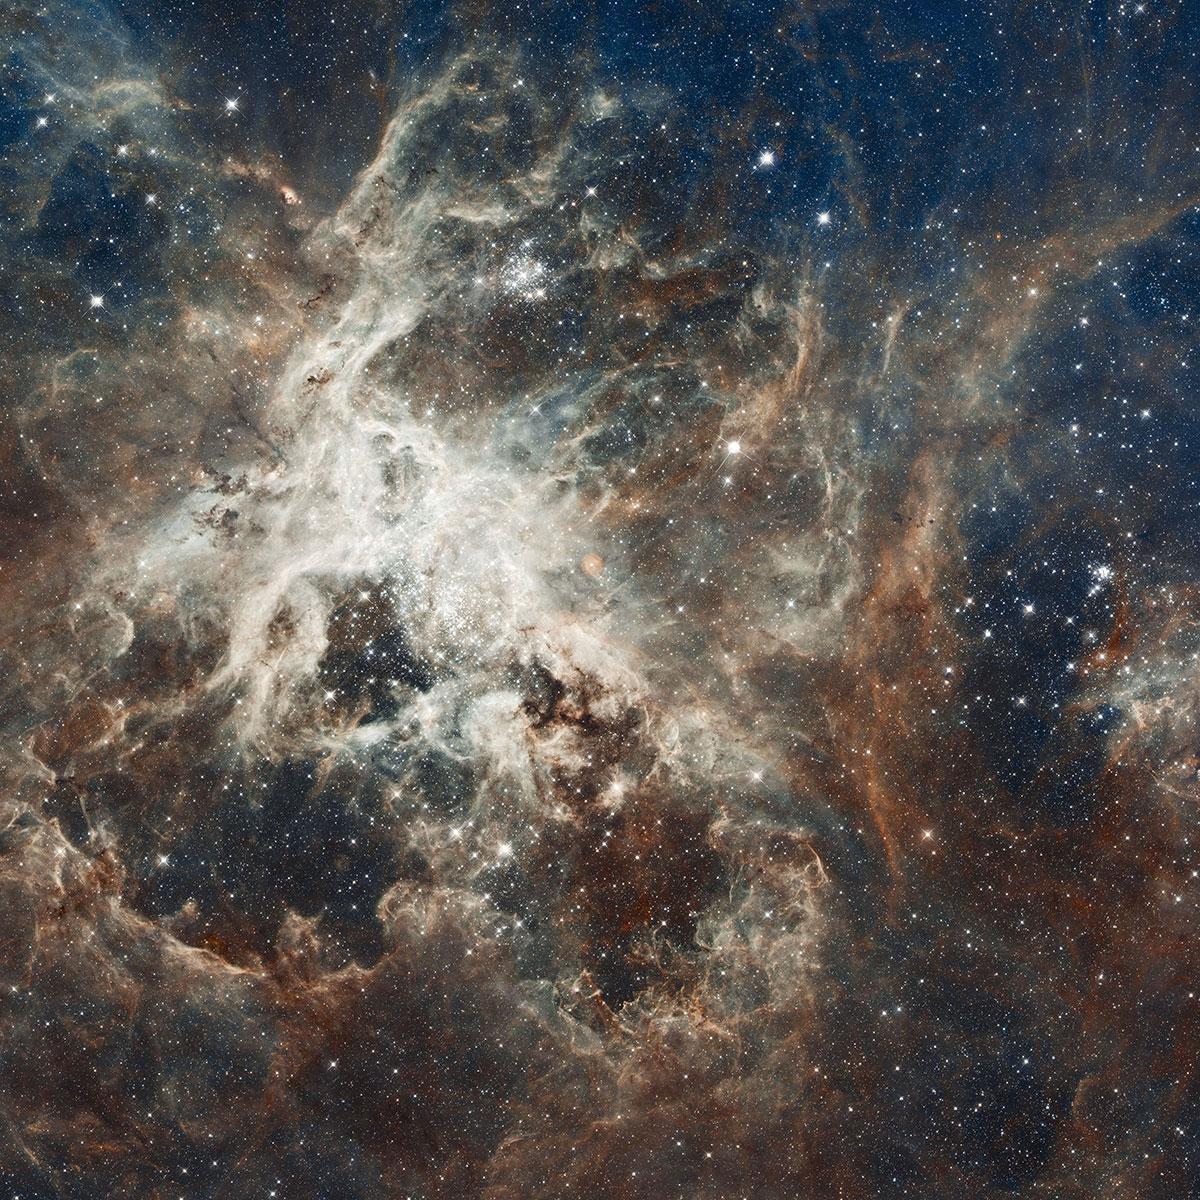 Атласная обёрточная бумага Космические пейзажи / Космические пейзажи